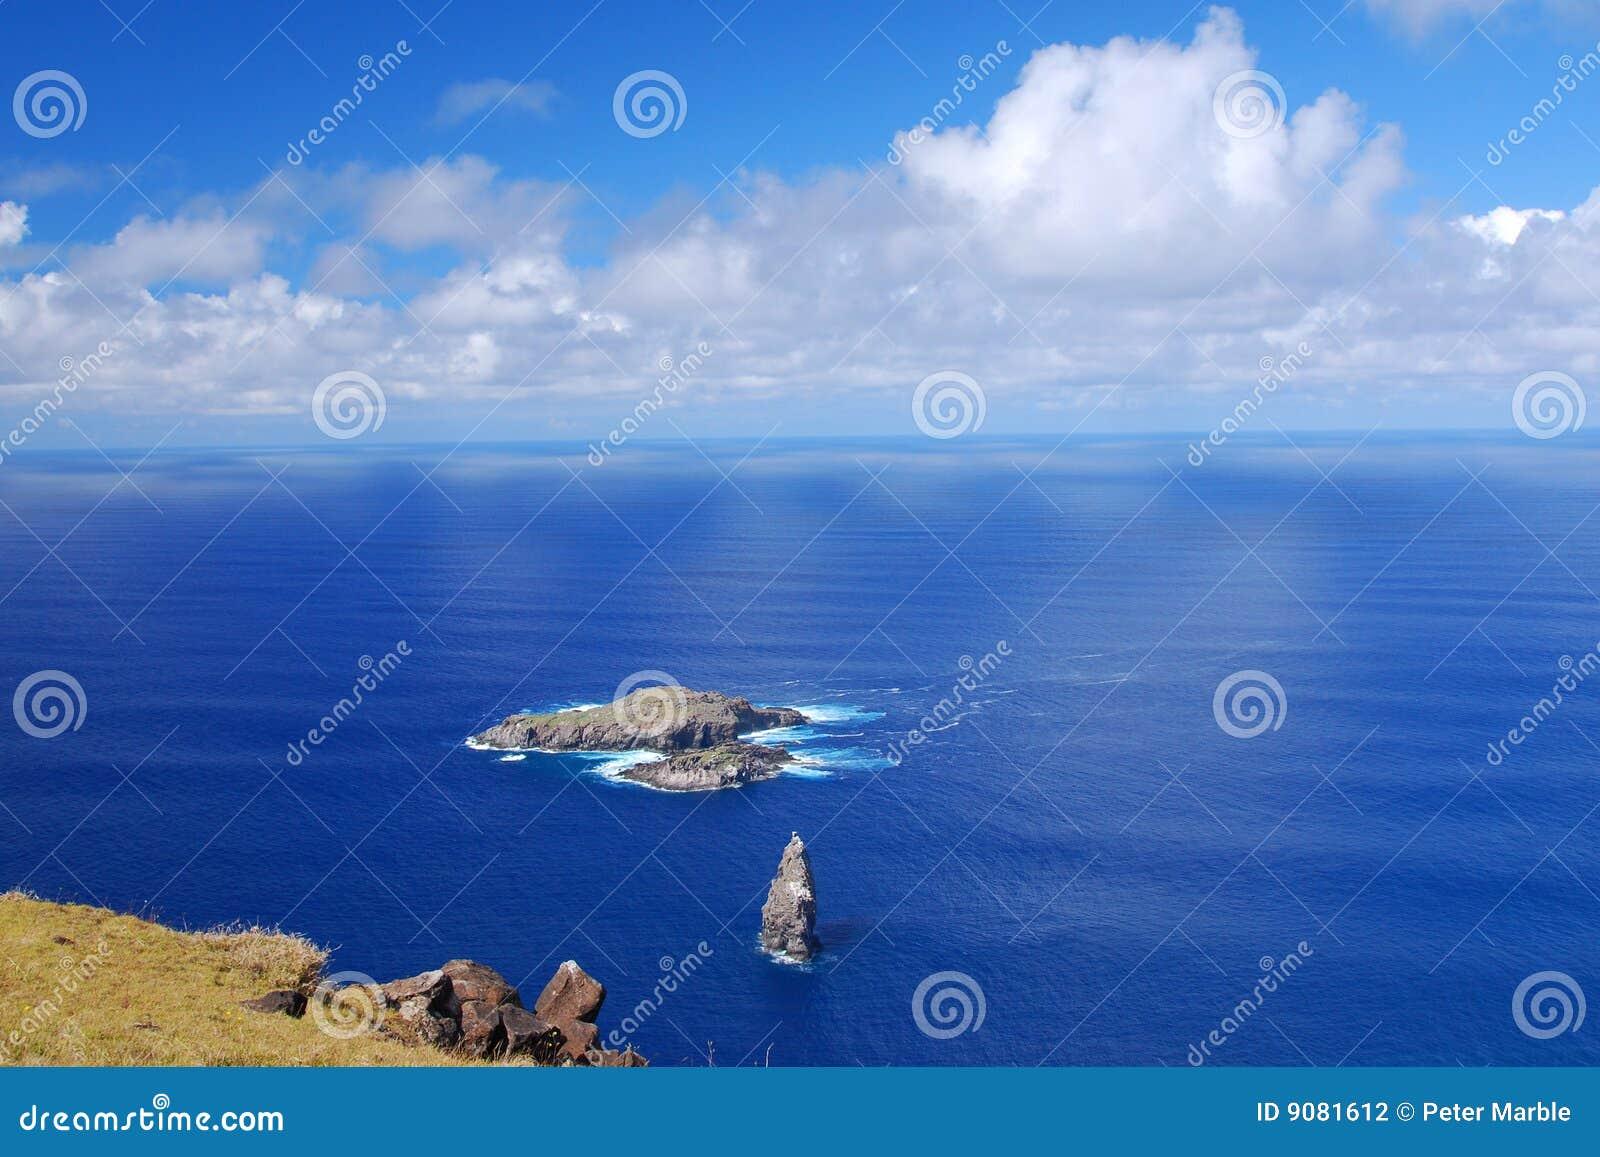 Moto Nui kleine Insel auf Ostern-Insel